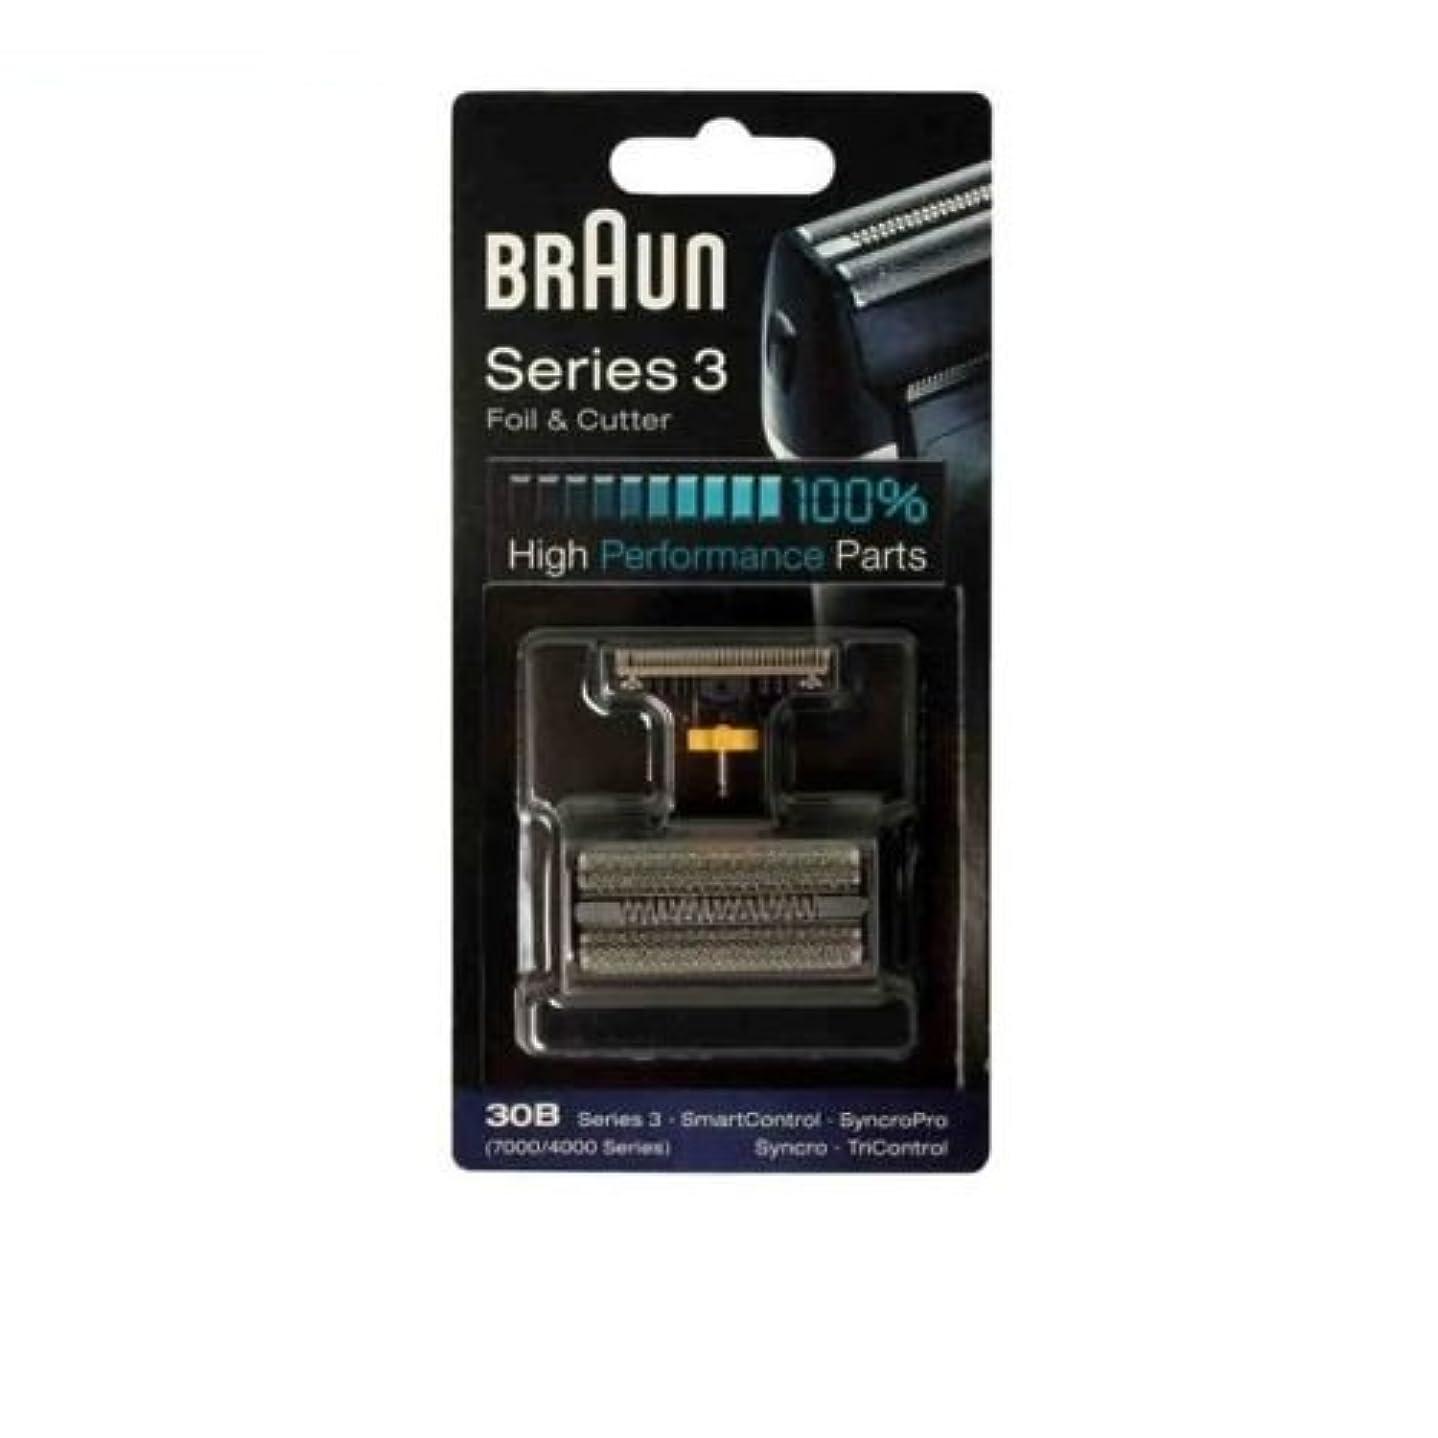 軍艦専制商品Braun 30B コンビ 30B フォイルカッターの交換パック(4000分の7000シリーズ) [並行輸入品]